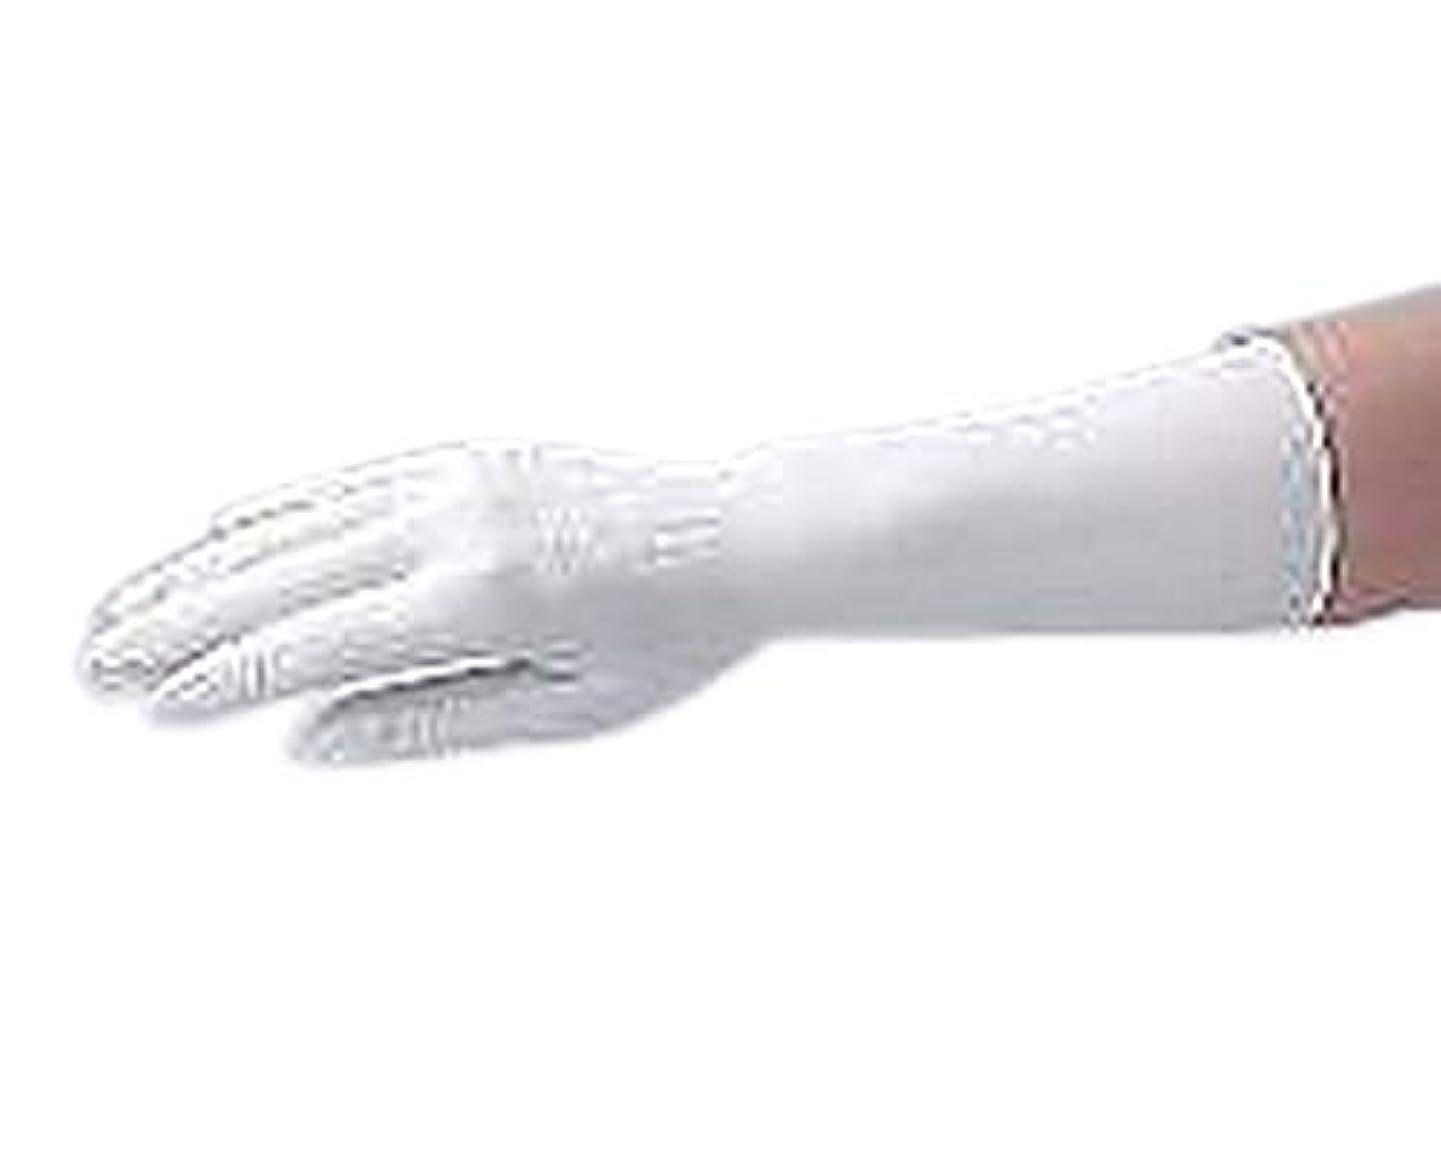 器具フェミニン常習的アズワン アズピュア クリーンノール ニトリル手袋(ペアタイプ) XS 左右各100枚×5袋入 /1-2323-51